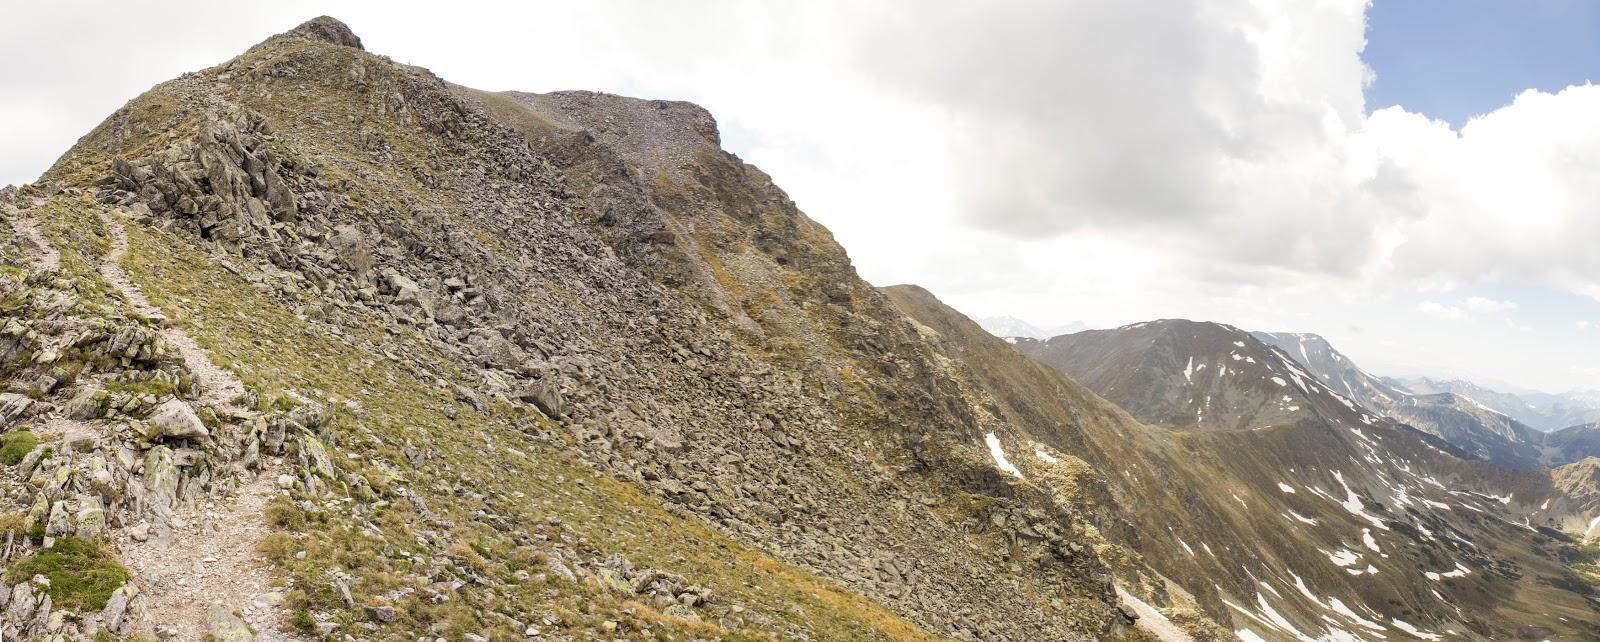 Von der Unteren Bodenhütte über den Hämmerkogel zum Seckauer Zinken - mittelschwere Wanderung in den Niederen Tauern